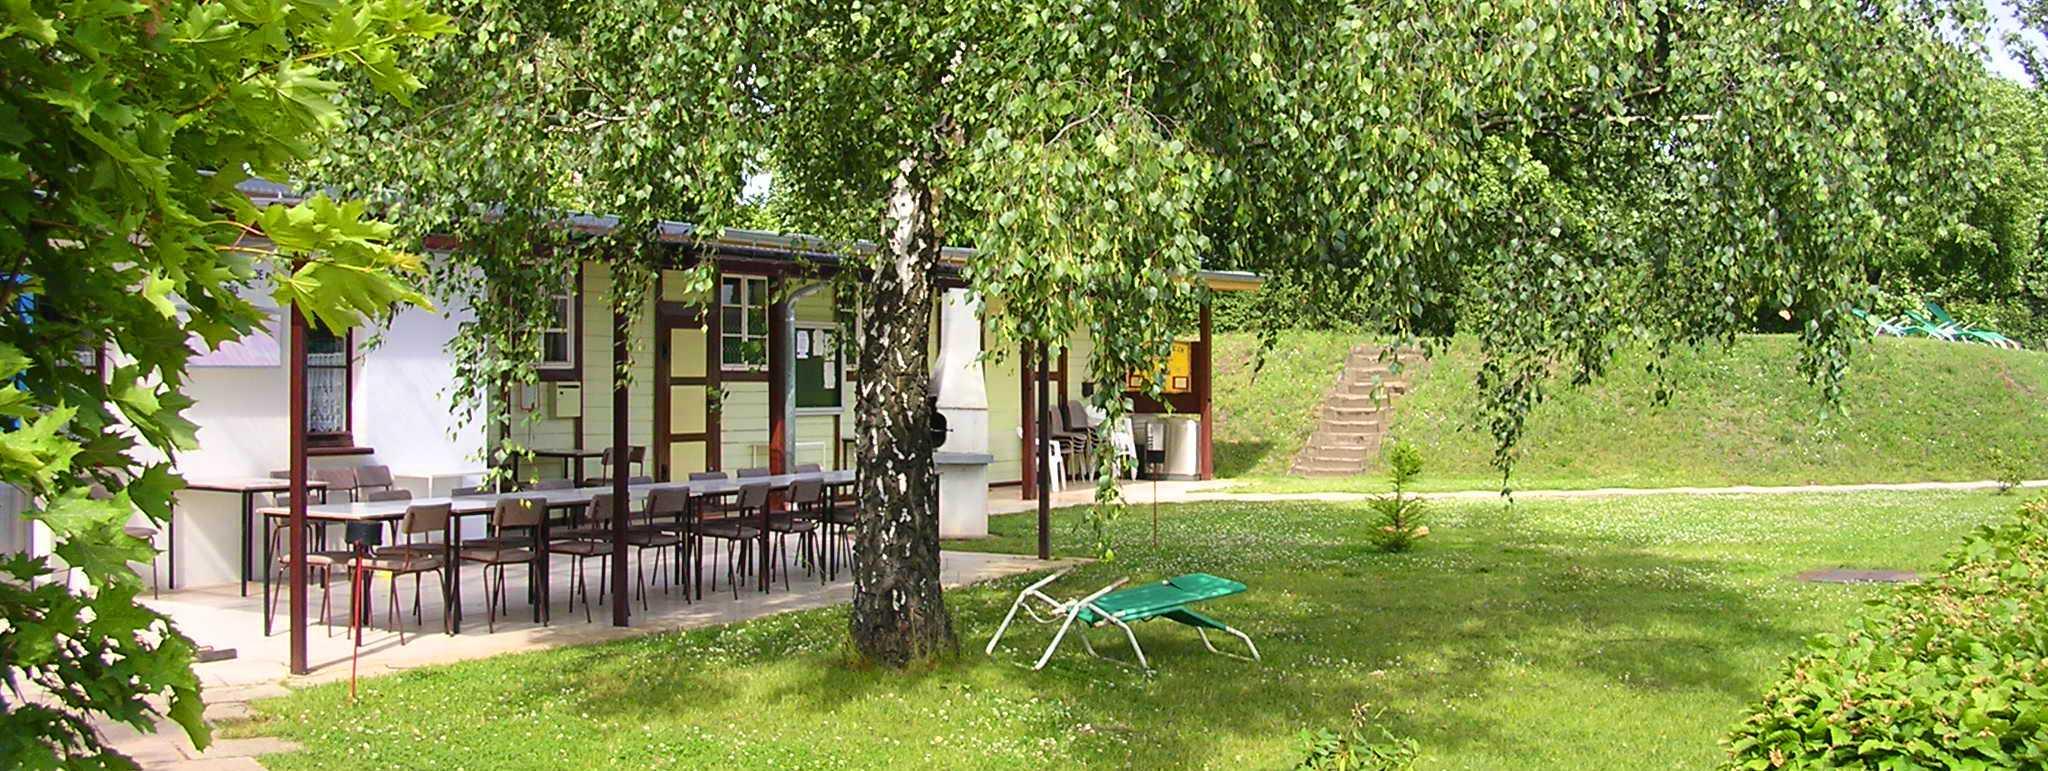 Klubhaus